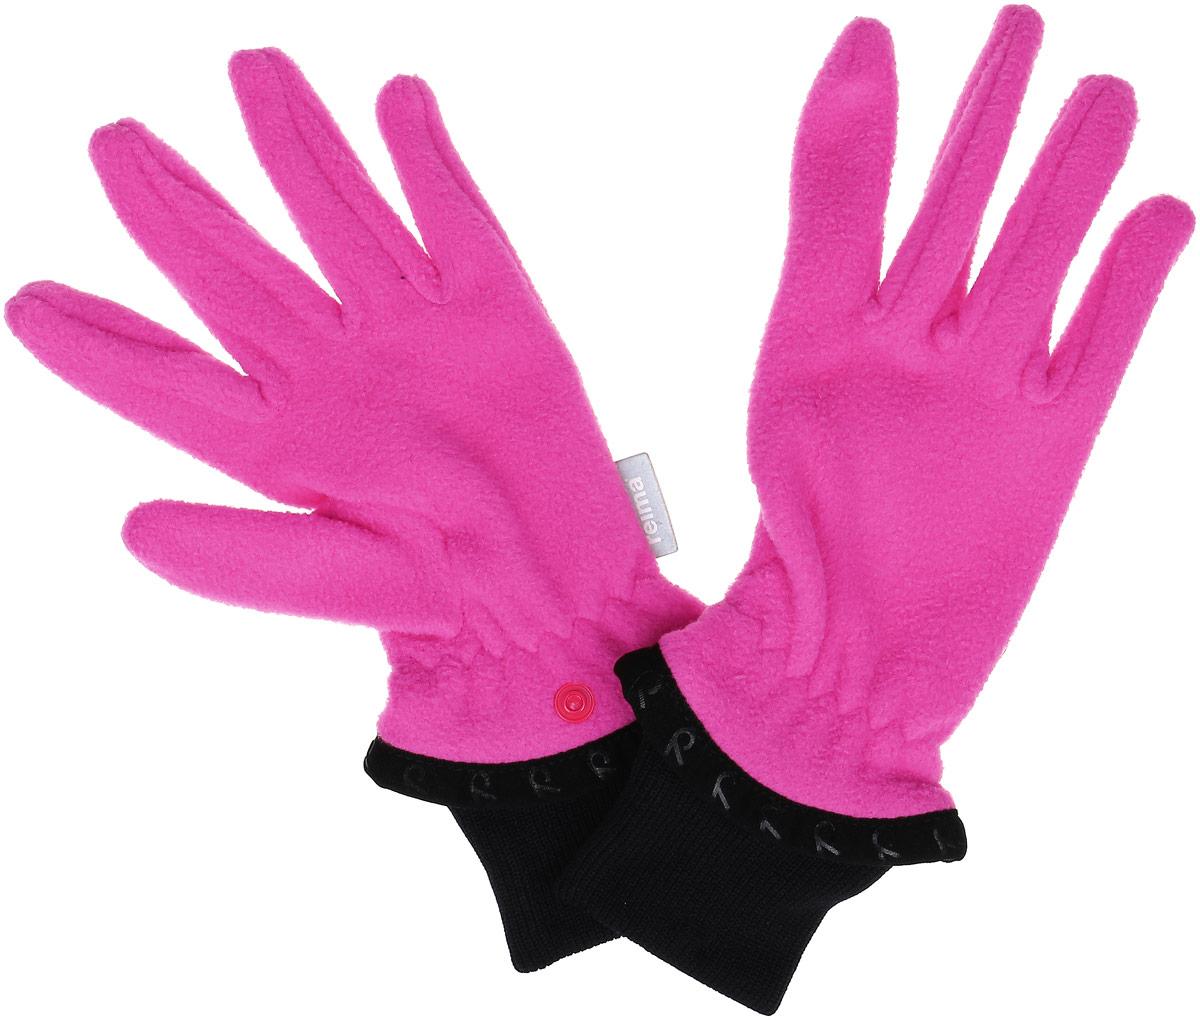 527191-4620AДетские флисовые перчатки Reima Tollense согреют ручки вашего ребенка в холодную погоду. Флисовый материал - теплый и мягкий на ощупь. Эластичные ребристые манжеты перчаток плотно облегают и хорошо смотрятся. Благодаря кнопкам вы легко можете соединить перчатки вместе для удобства хранения. В ясные осенние и весенние дни эти перчатки – сами по себе великолепный выбор для игр на воздухе, в то время как зимой их можно одеть под зимние варежки или перчатки для дополнительного тепла.